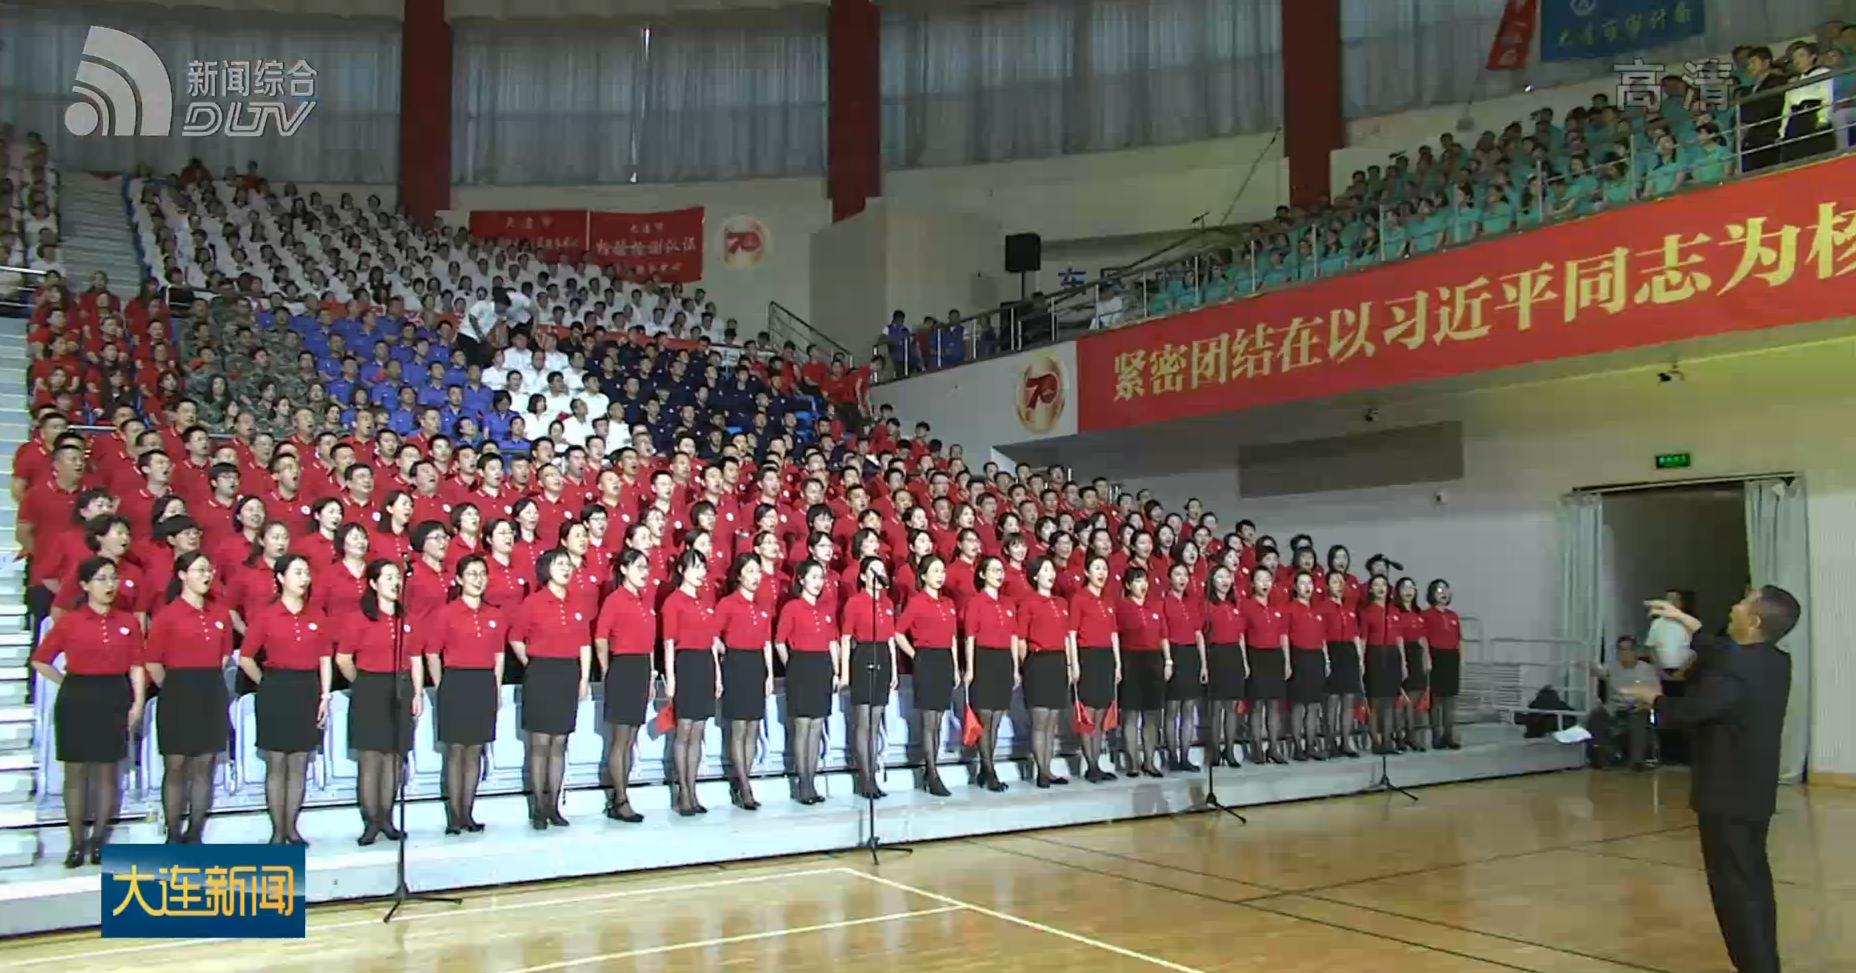 市直机关庆祝新中国成立70周年合唱展演举行